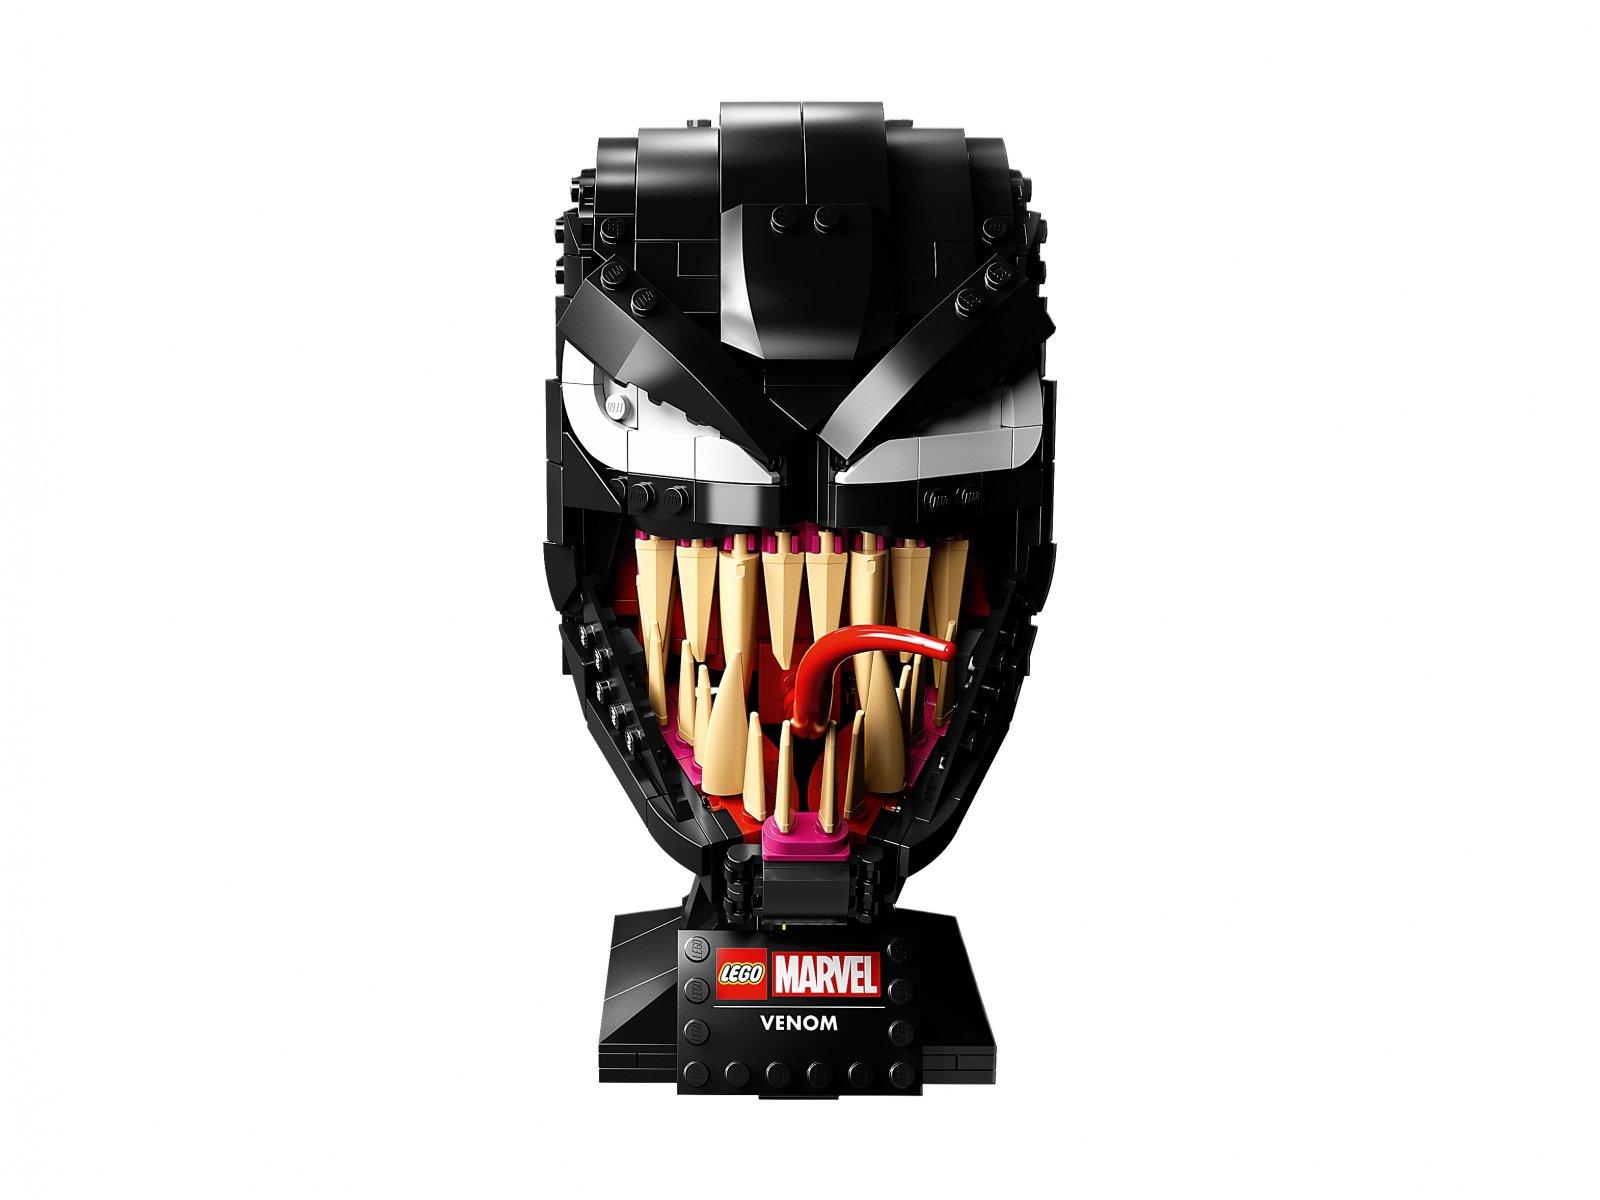 LEGO 76187 Venom